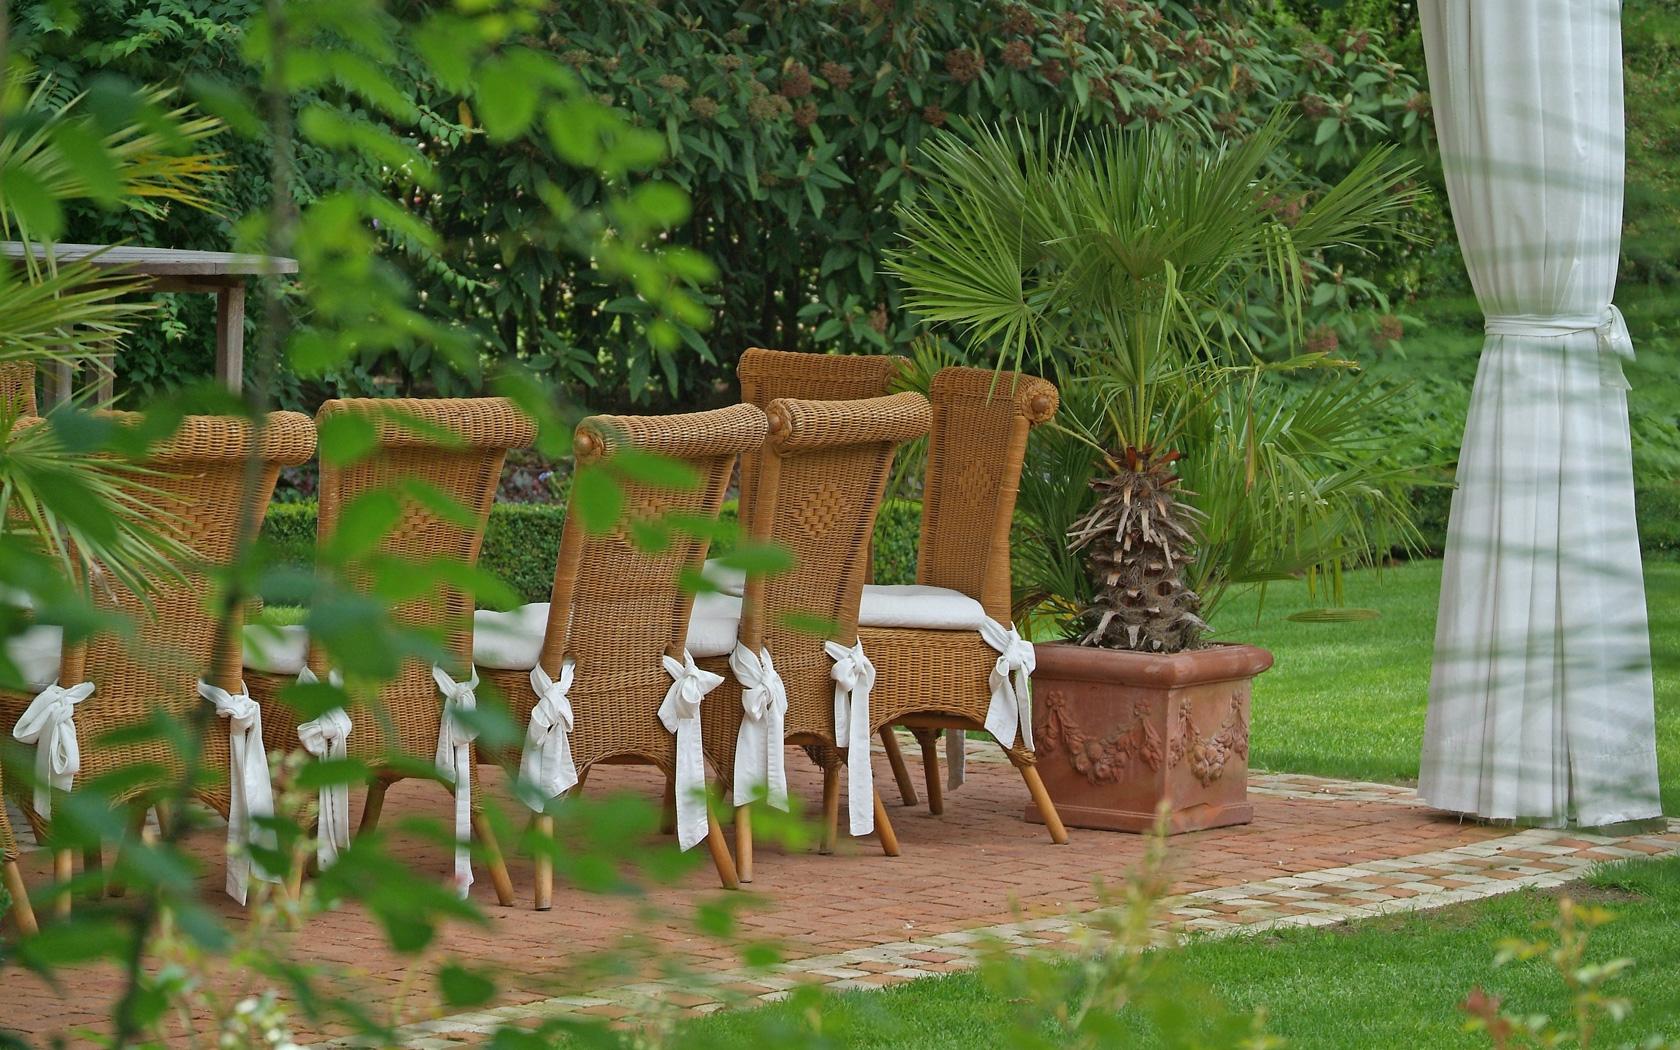 Jardin - Les Salons Roskam à Merelbeke vous acceuillent